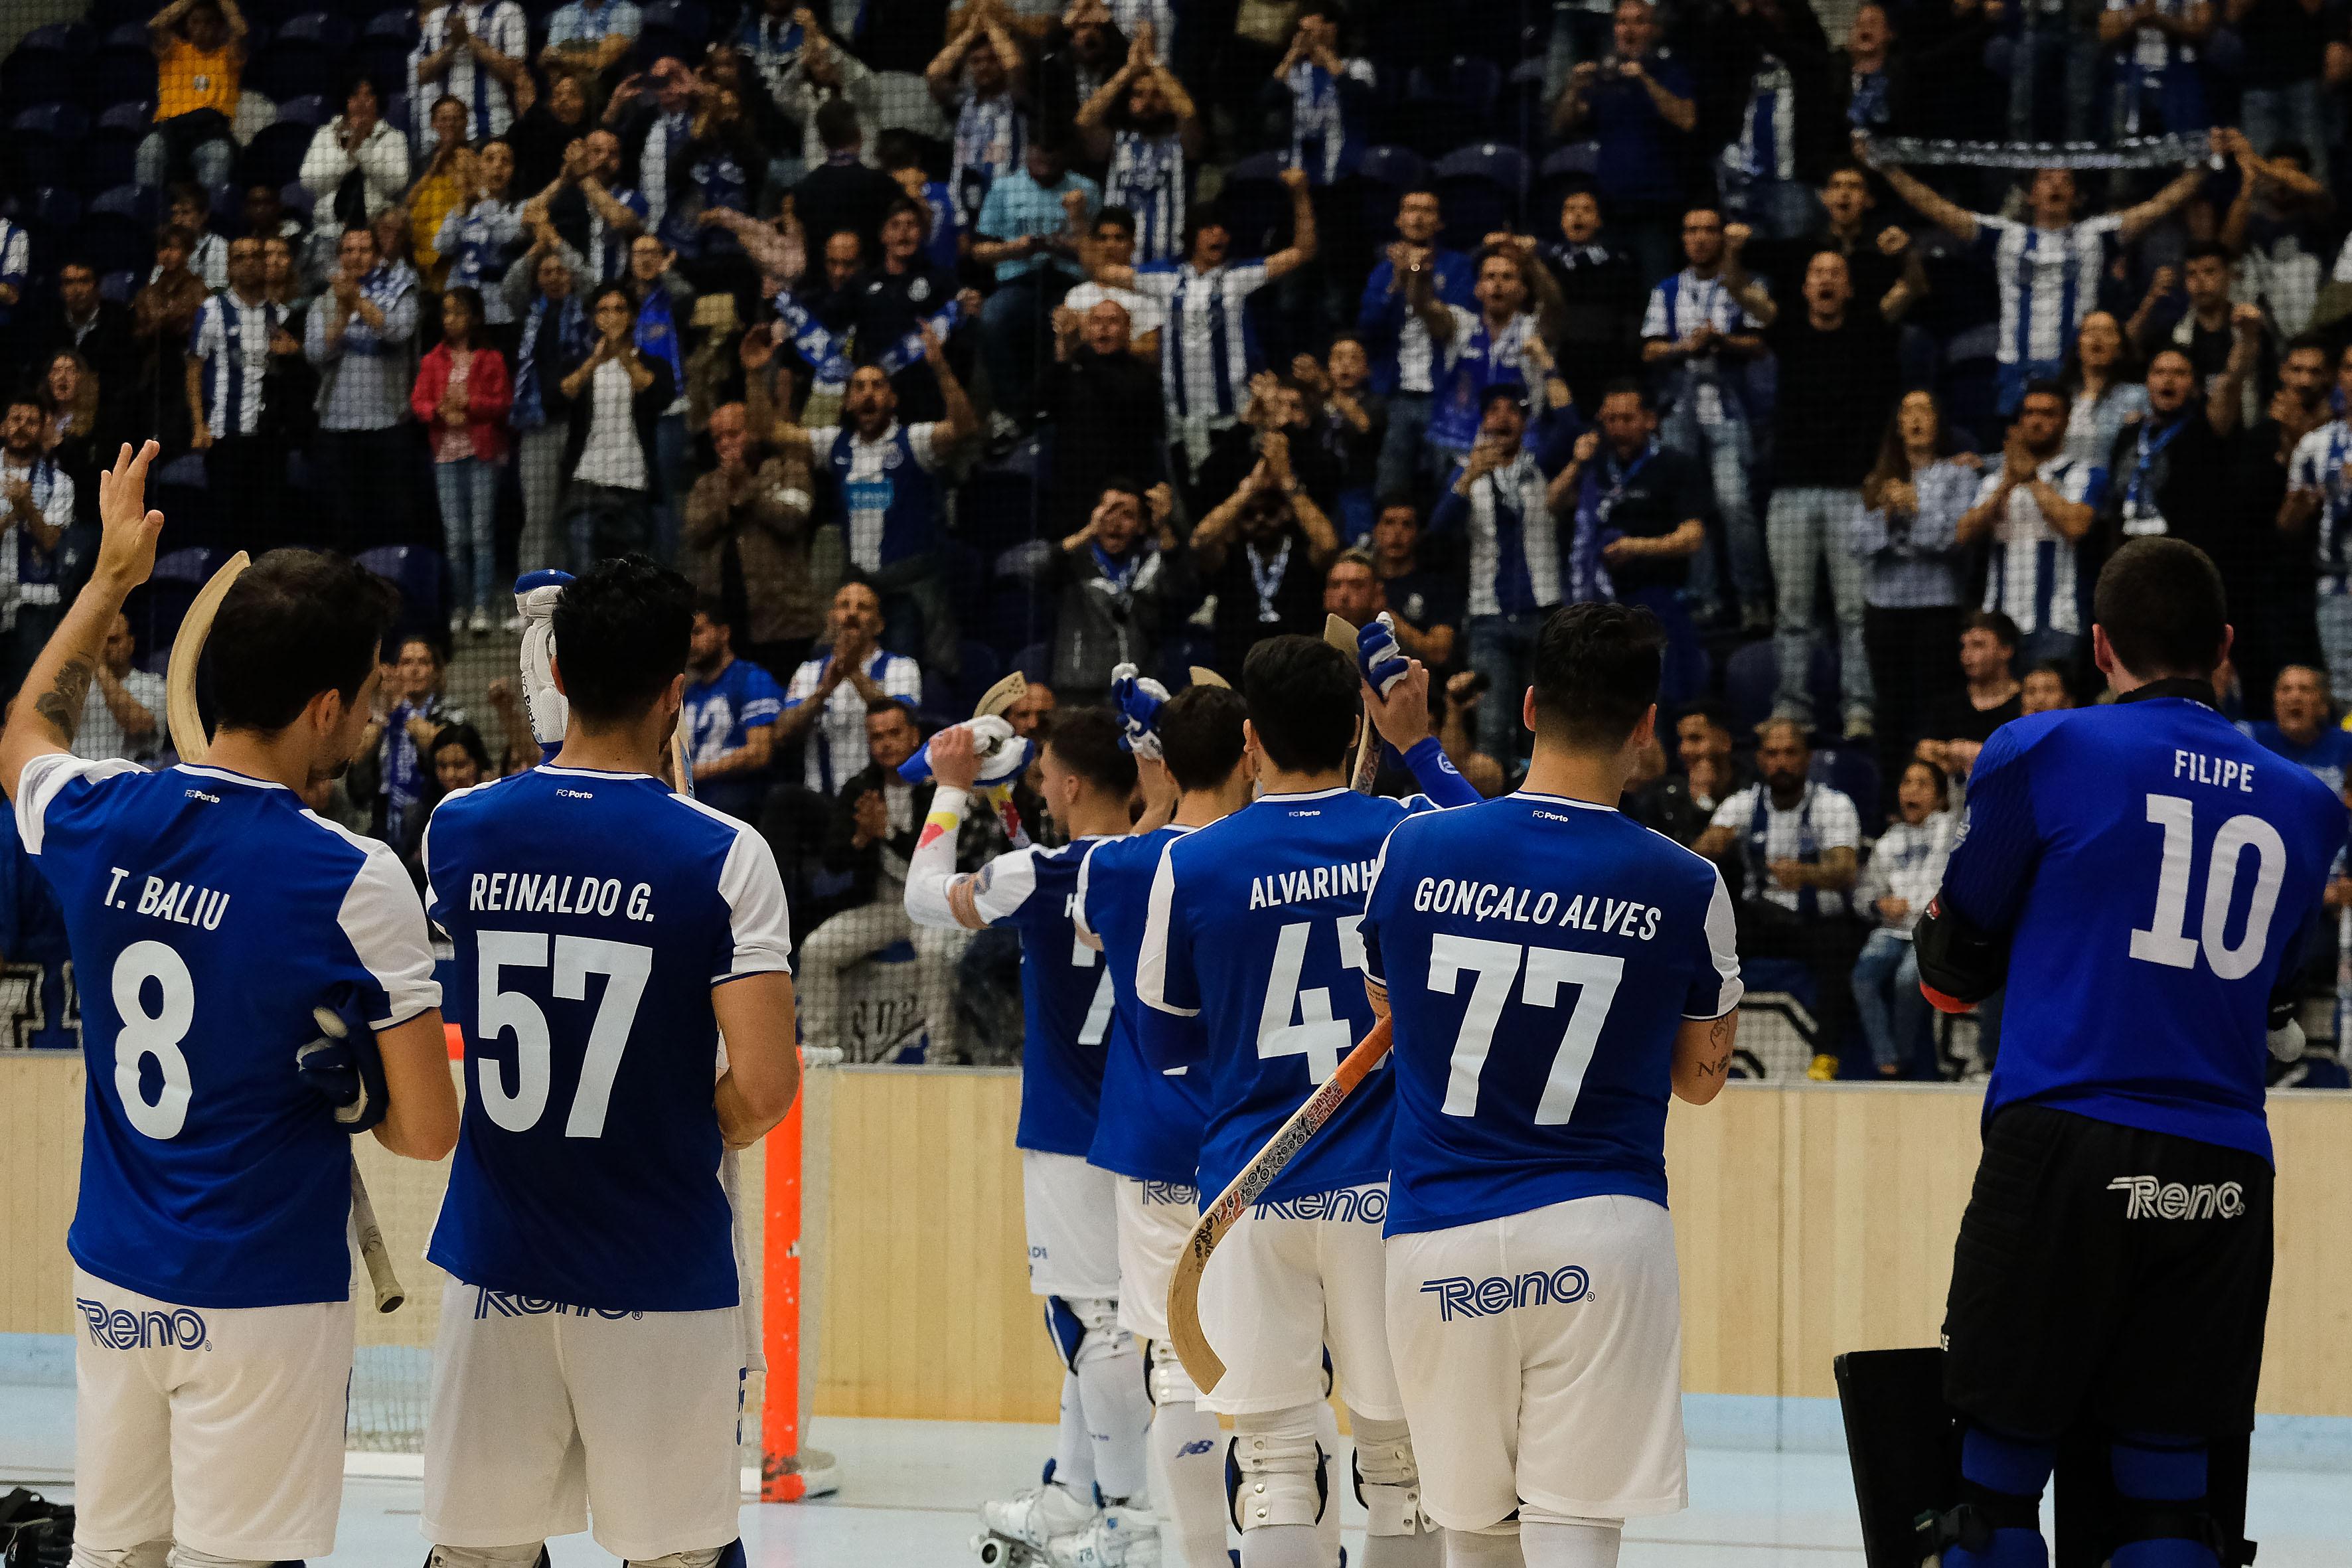 'Zaragata' no hóquei em patins esclarecida pelo FC Porto